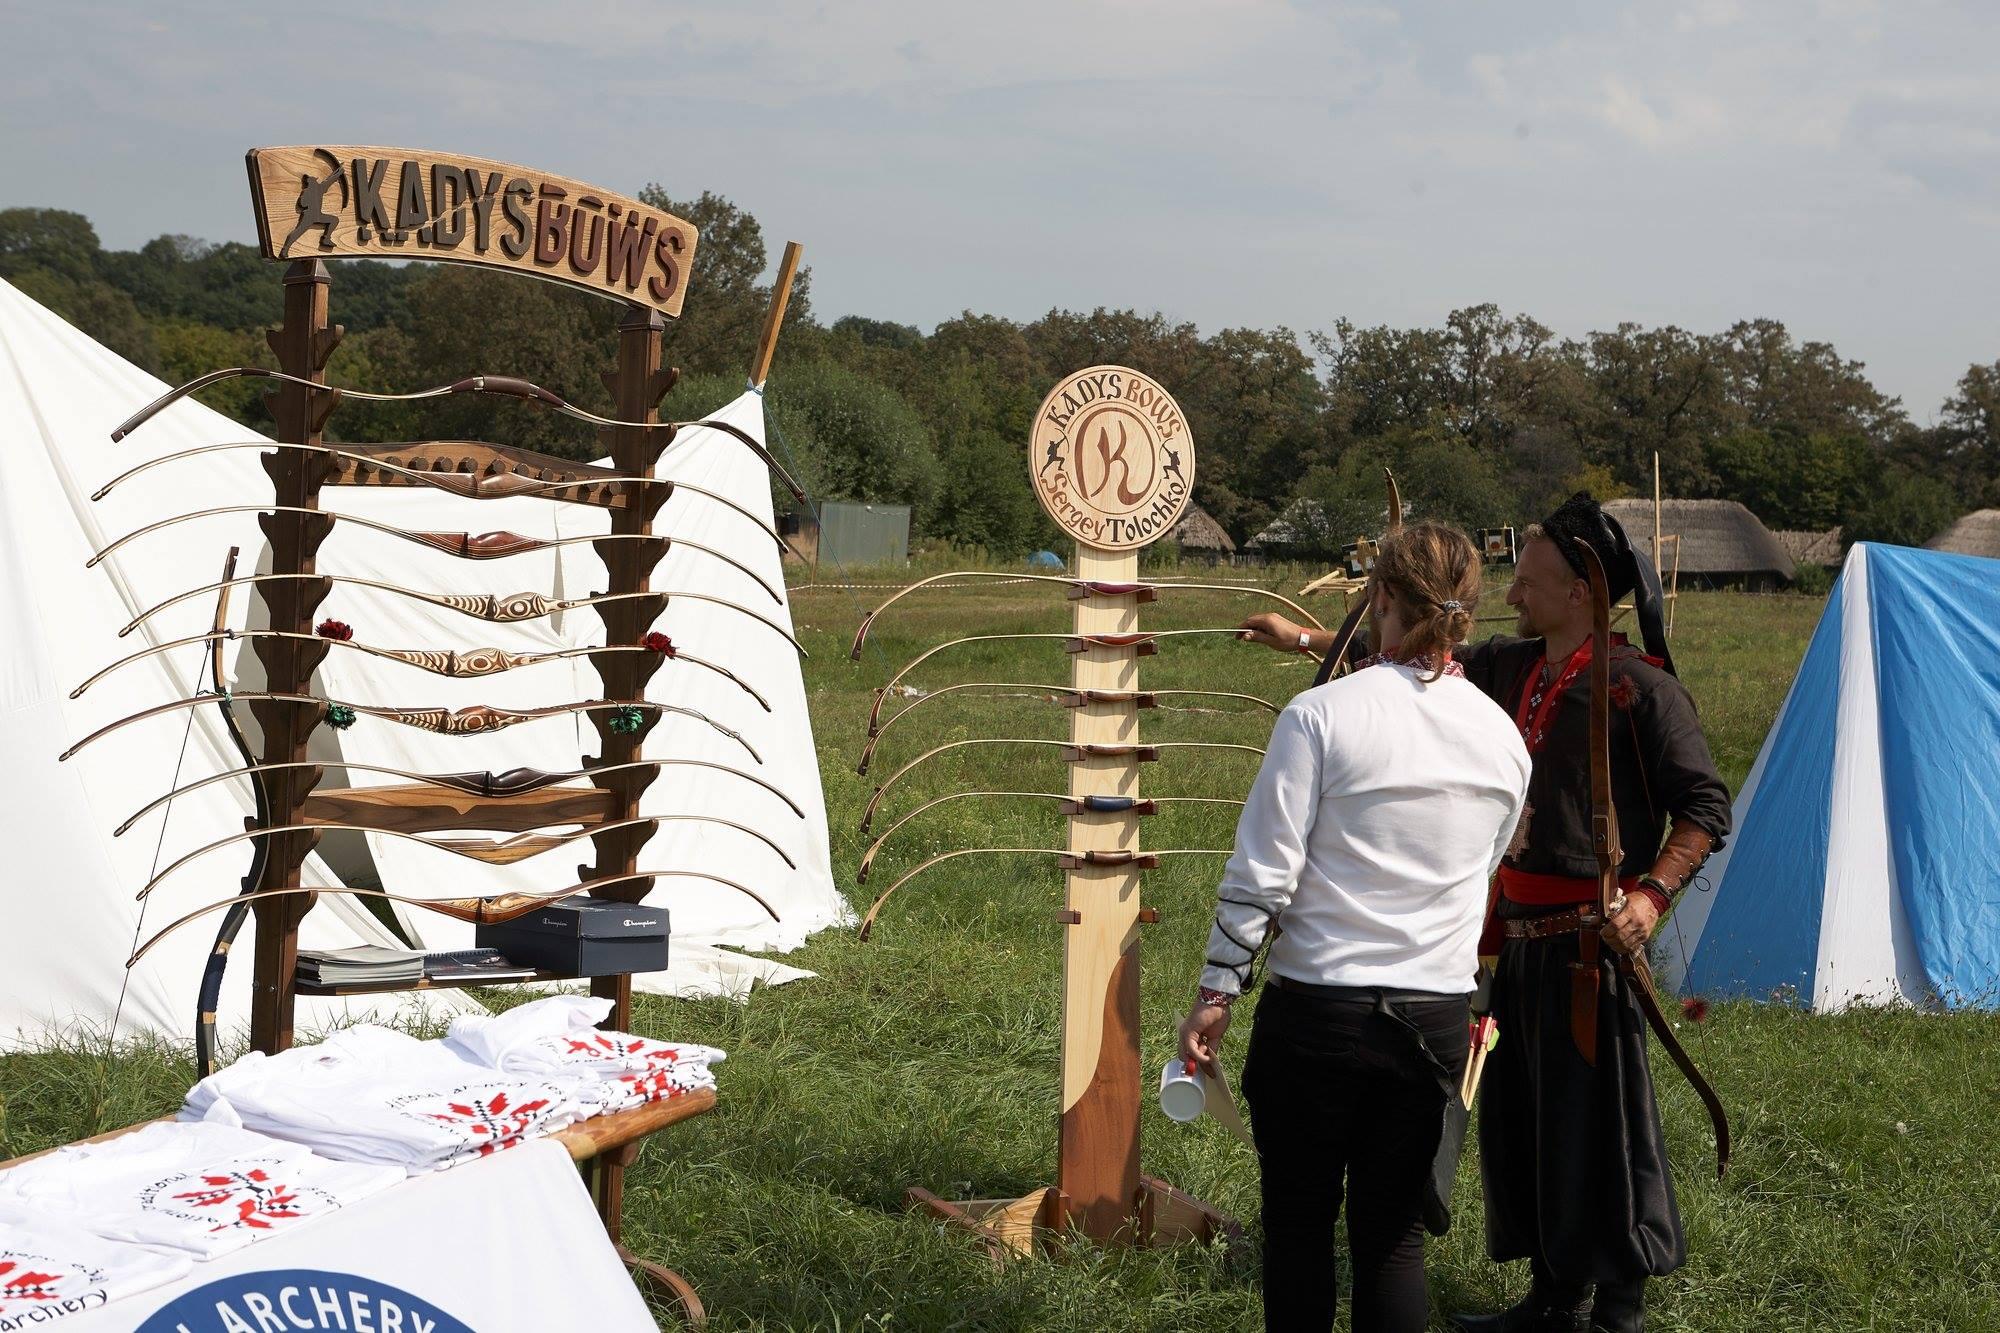 Традиційні луки, стрільба з лука